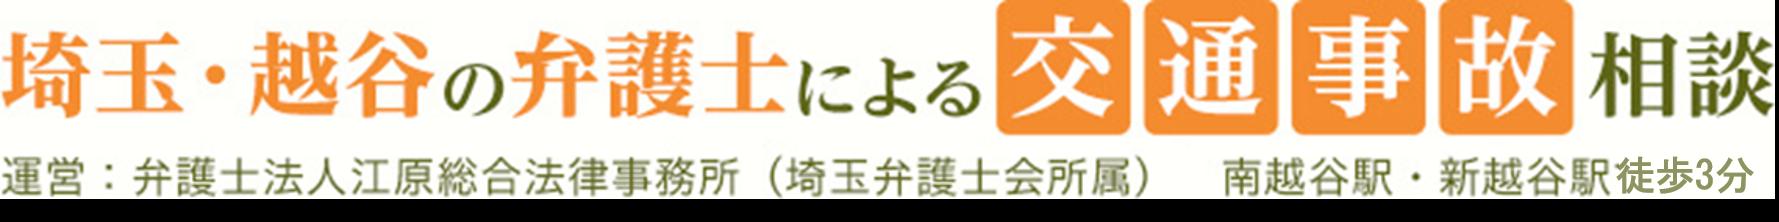 埼玉・越谷の弁護士による交通事故相談